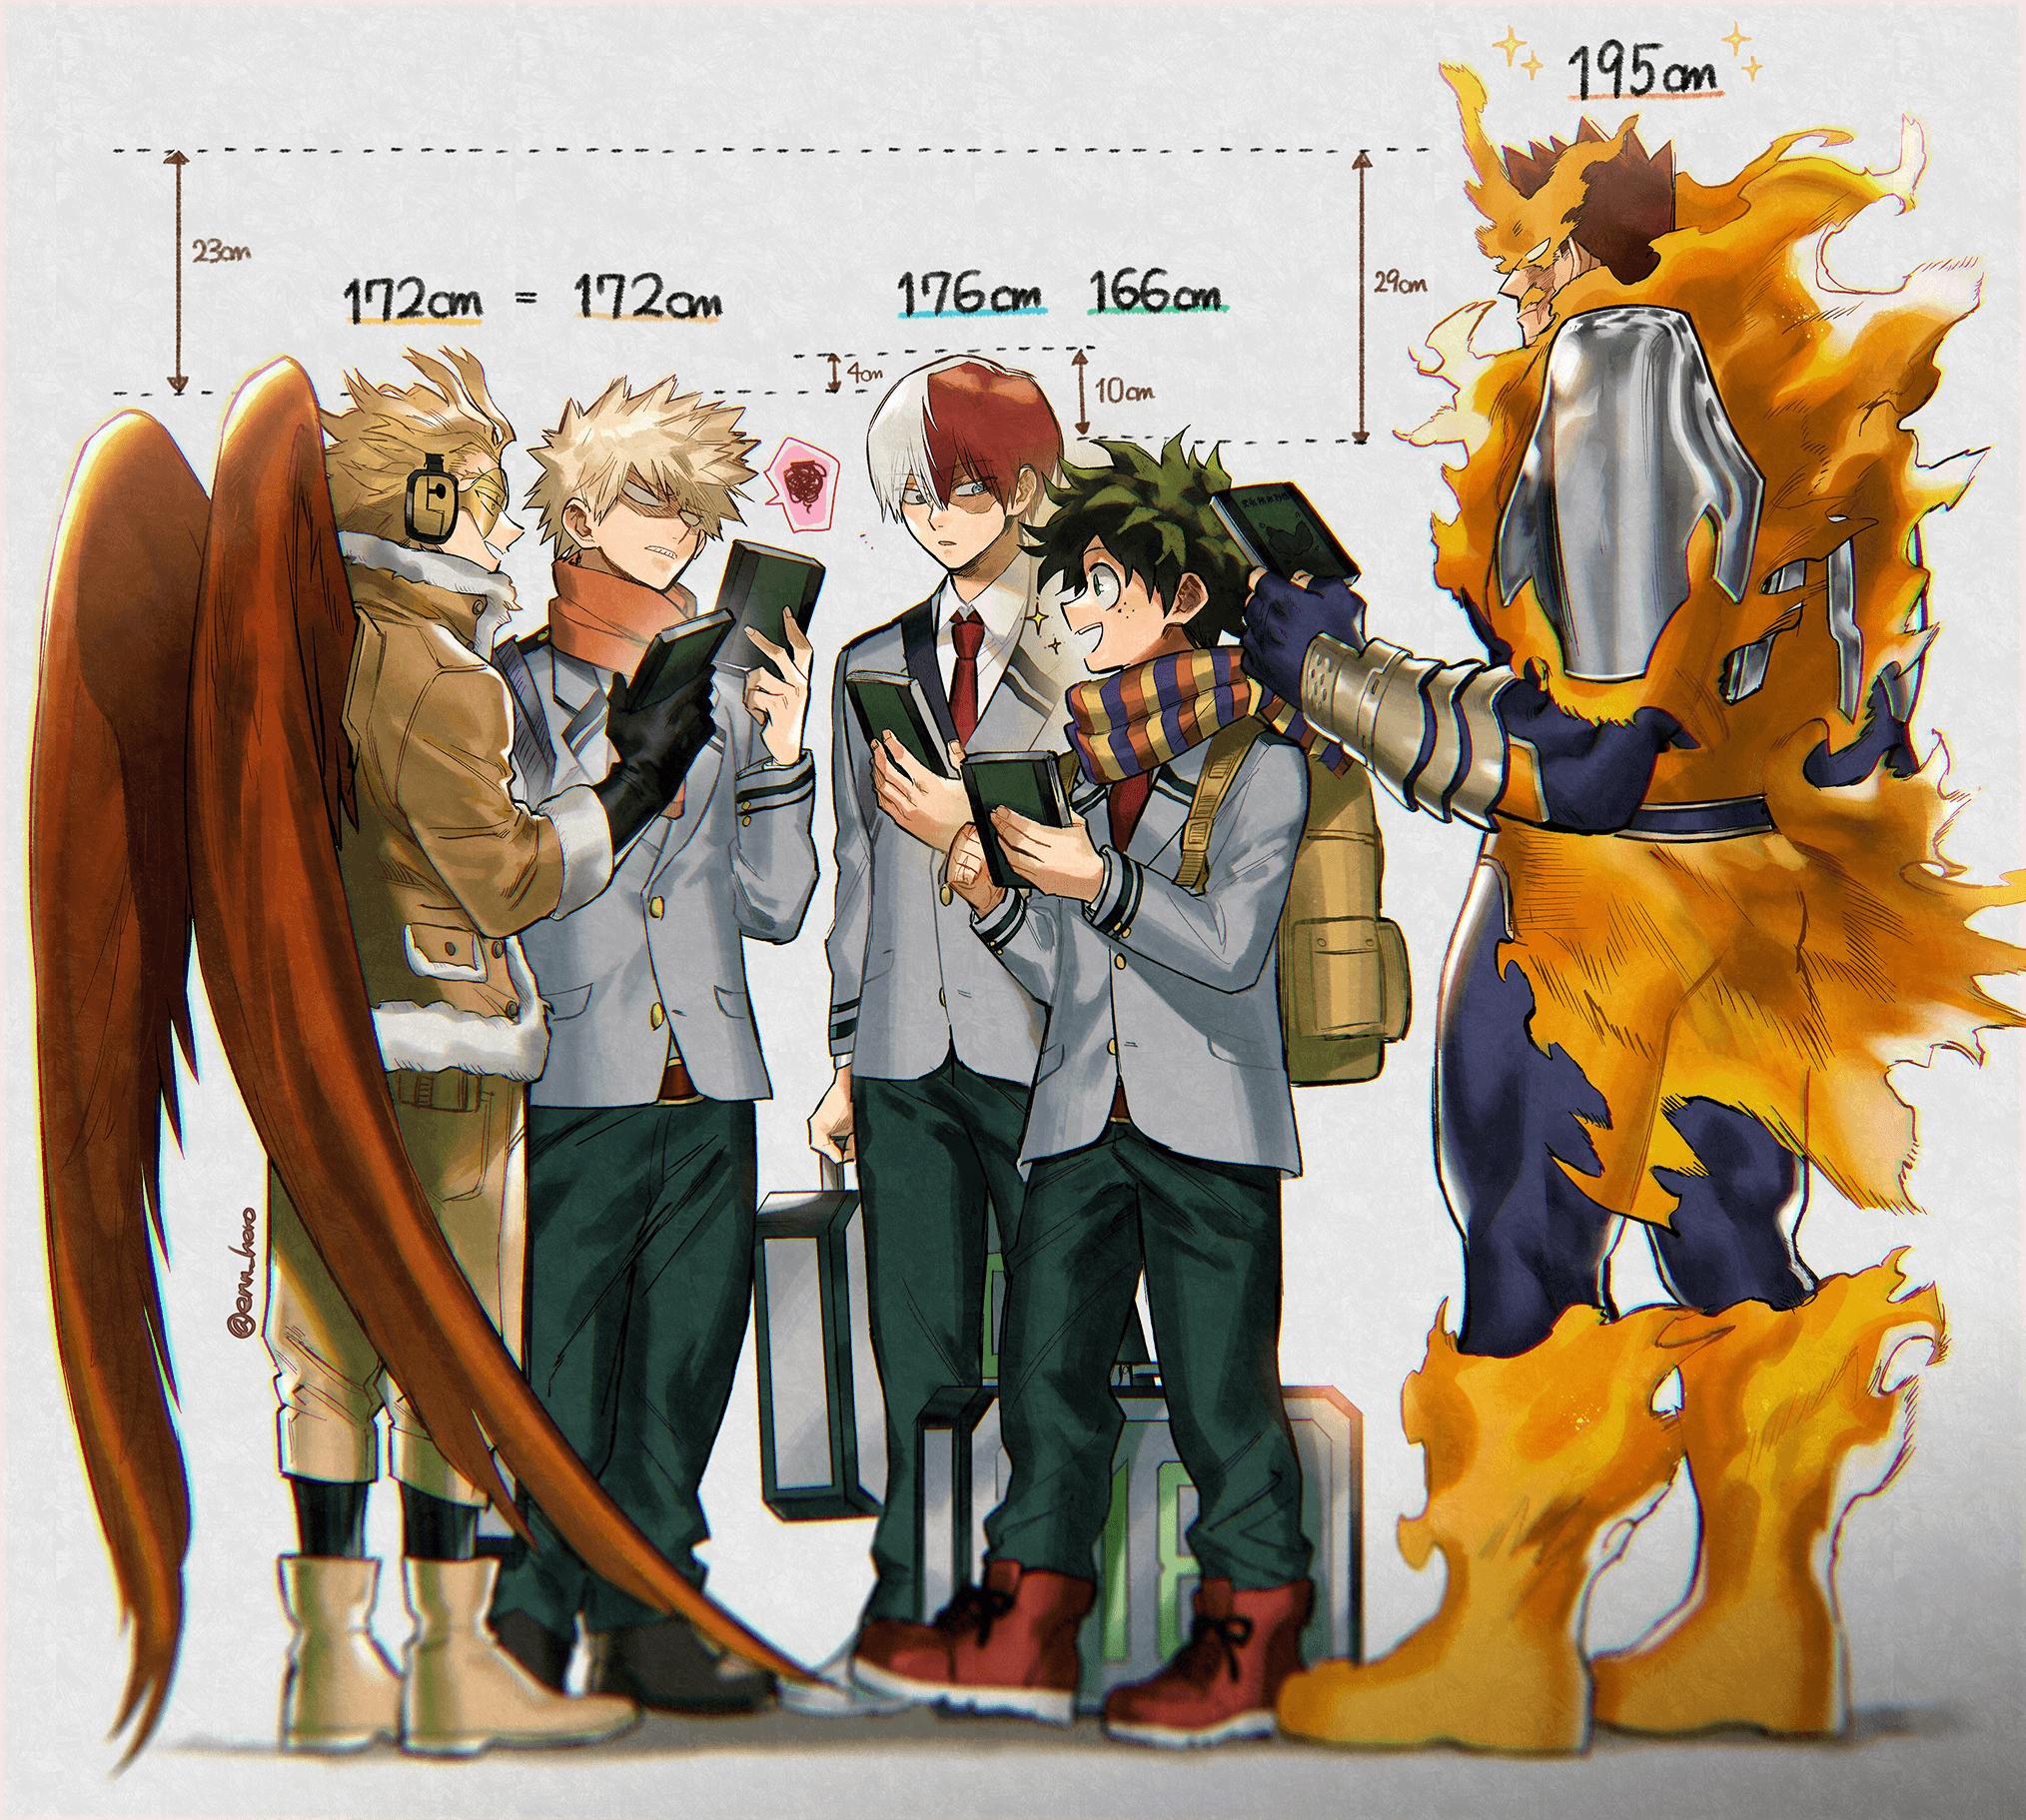 Pin On Anime Manga Webtoons